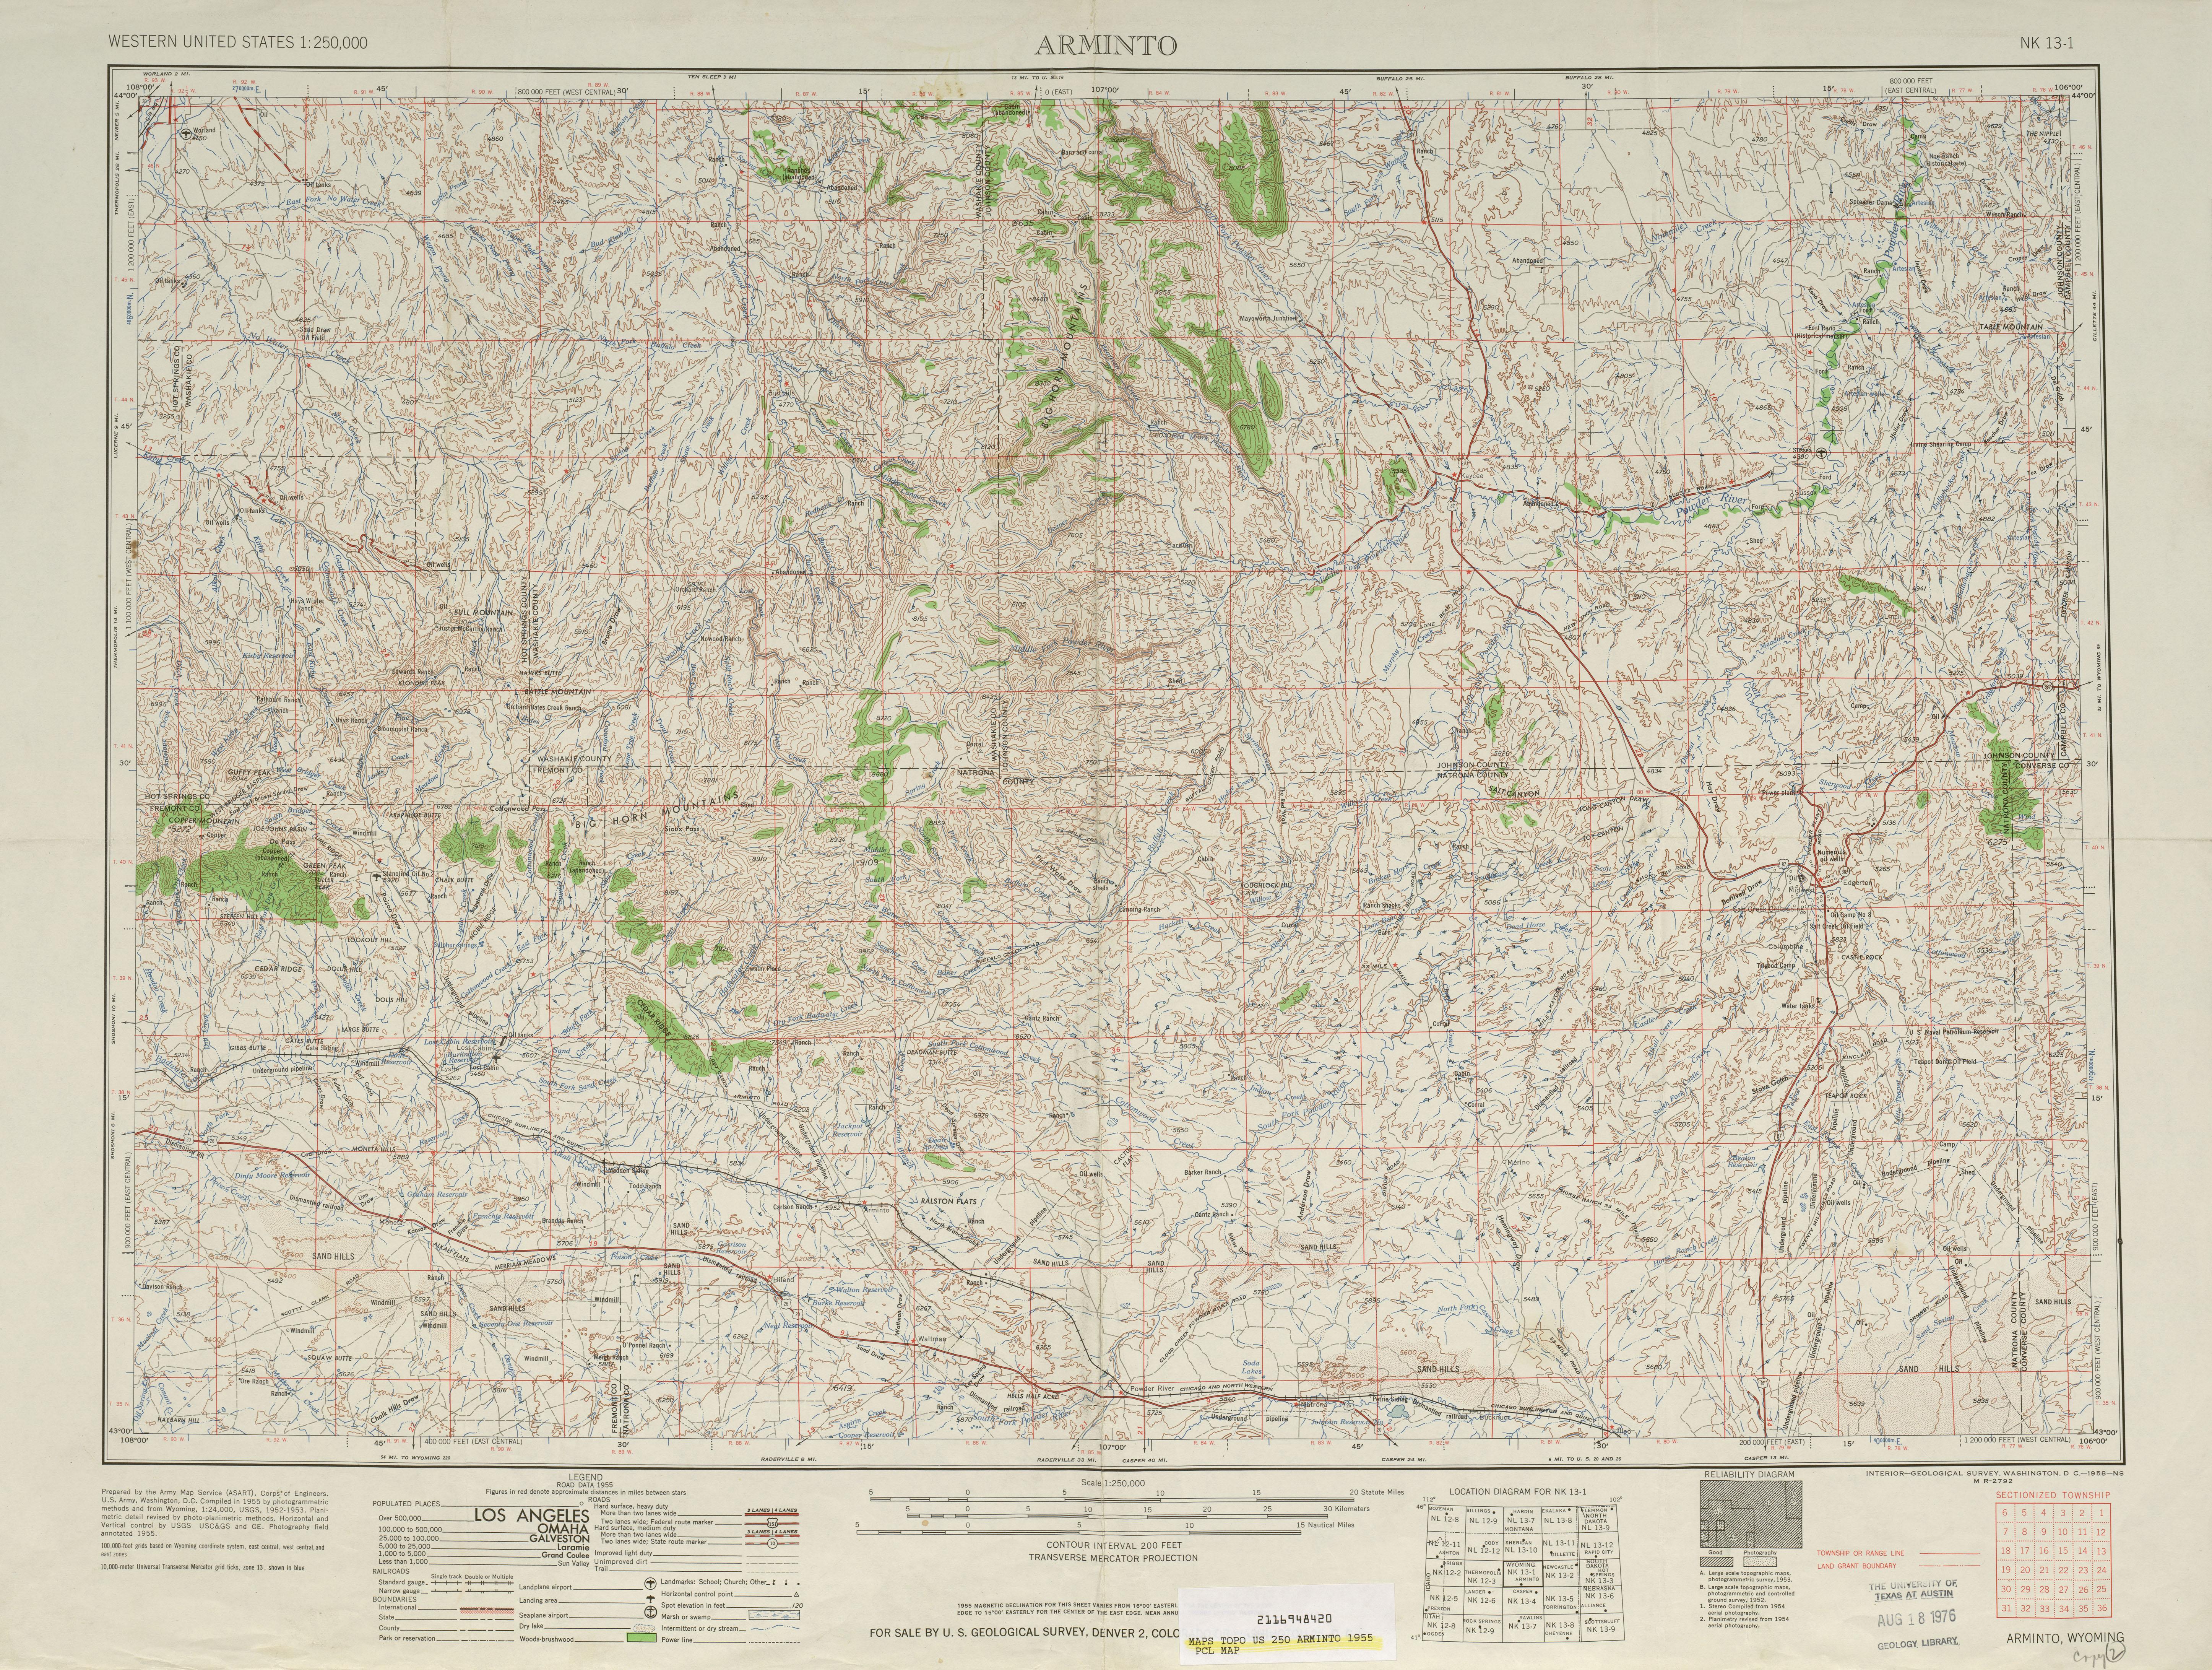 Hoja Arminto del Mapa Topográfico de los Estados Unidos 1955